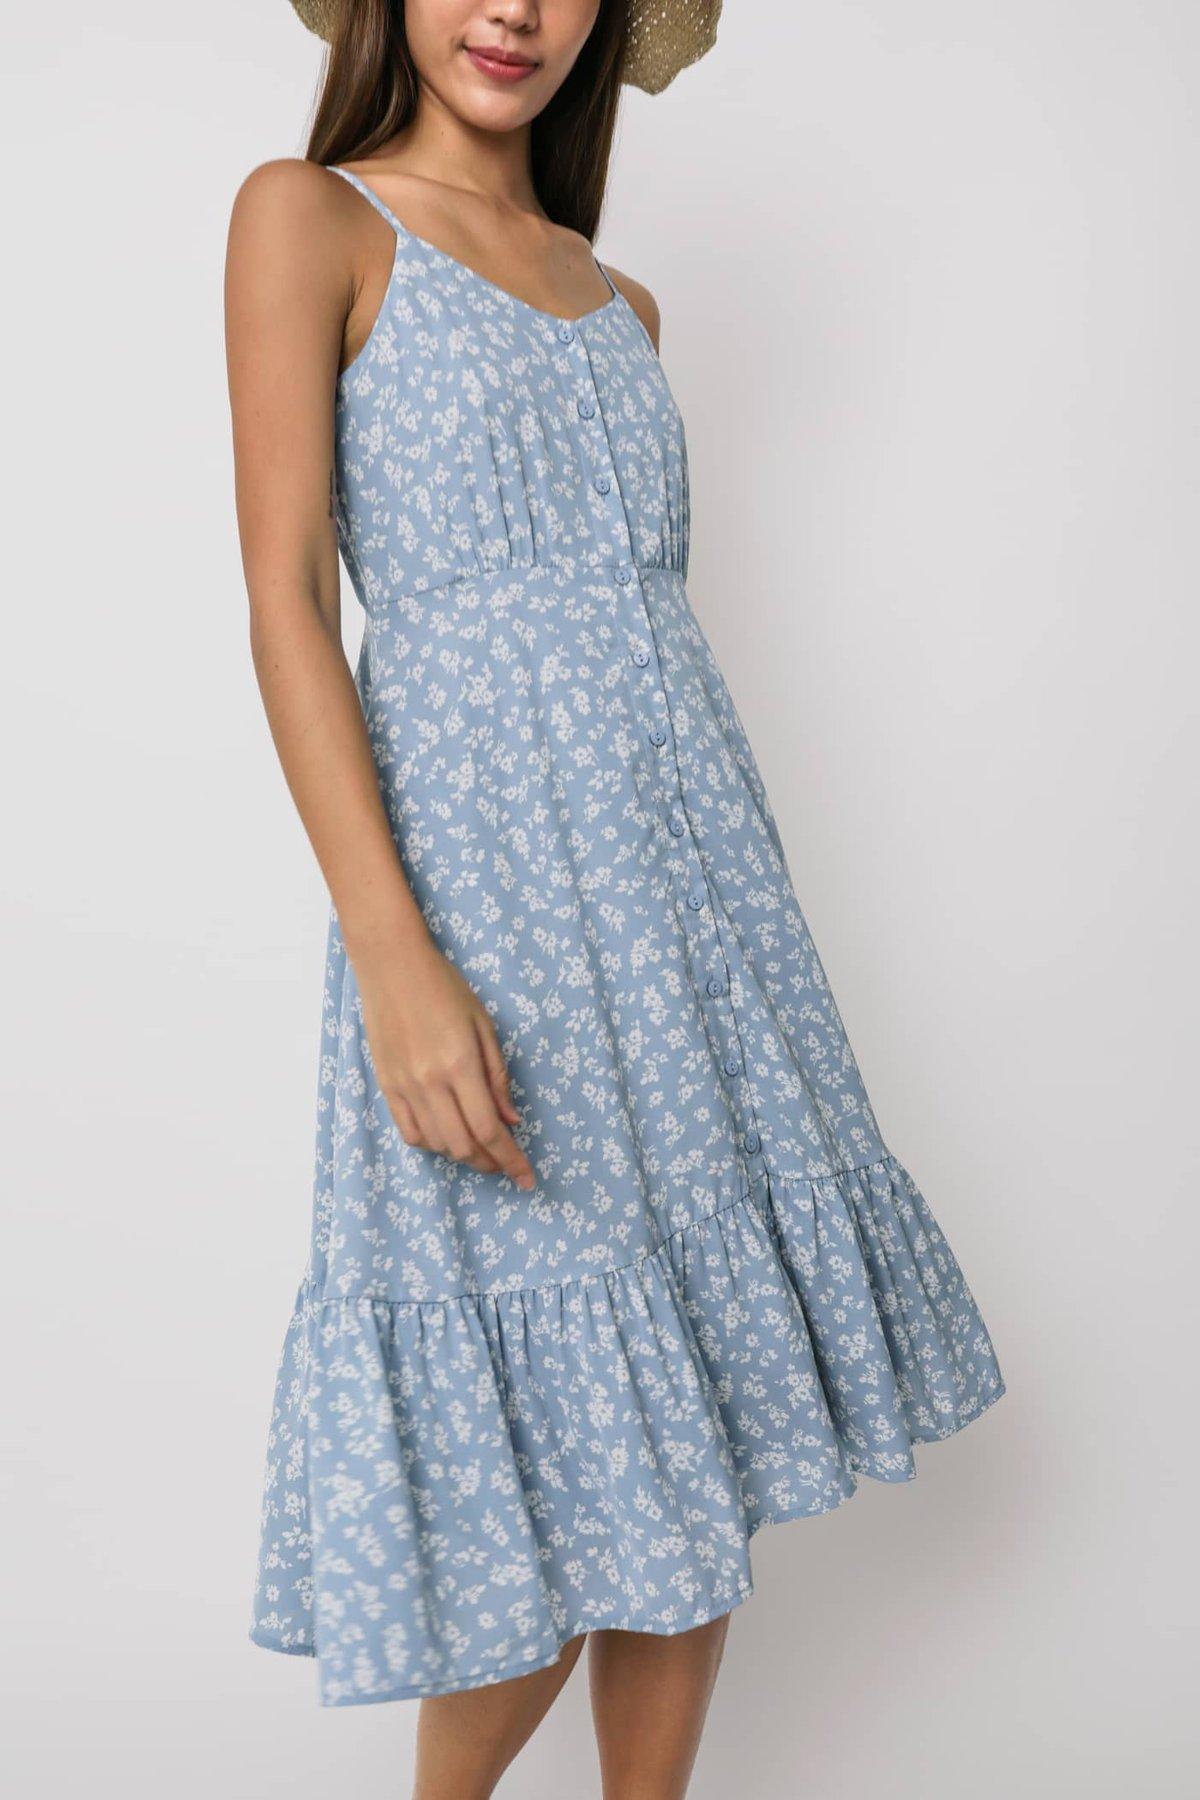 Darcie Drop Hem Dress (Blue Florals)